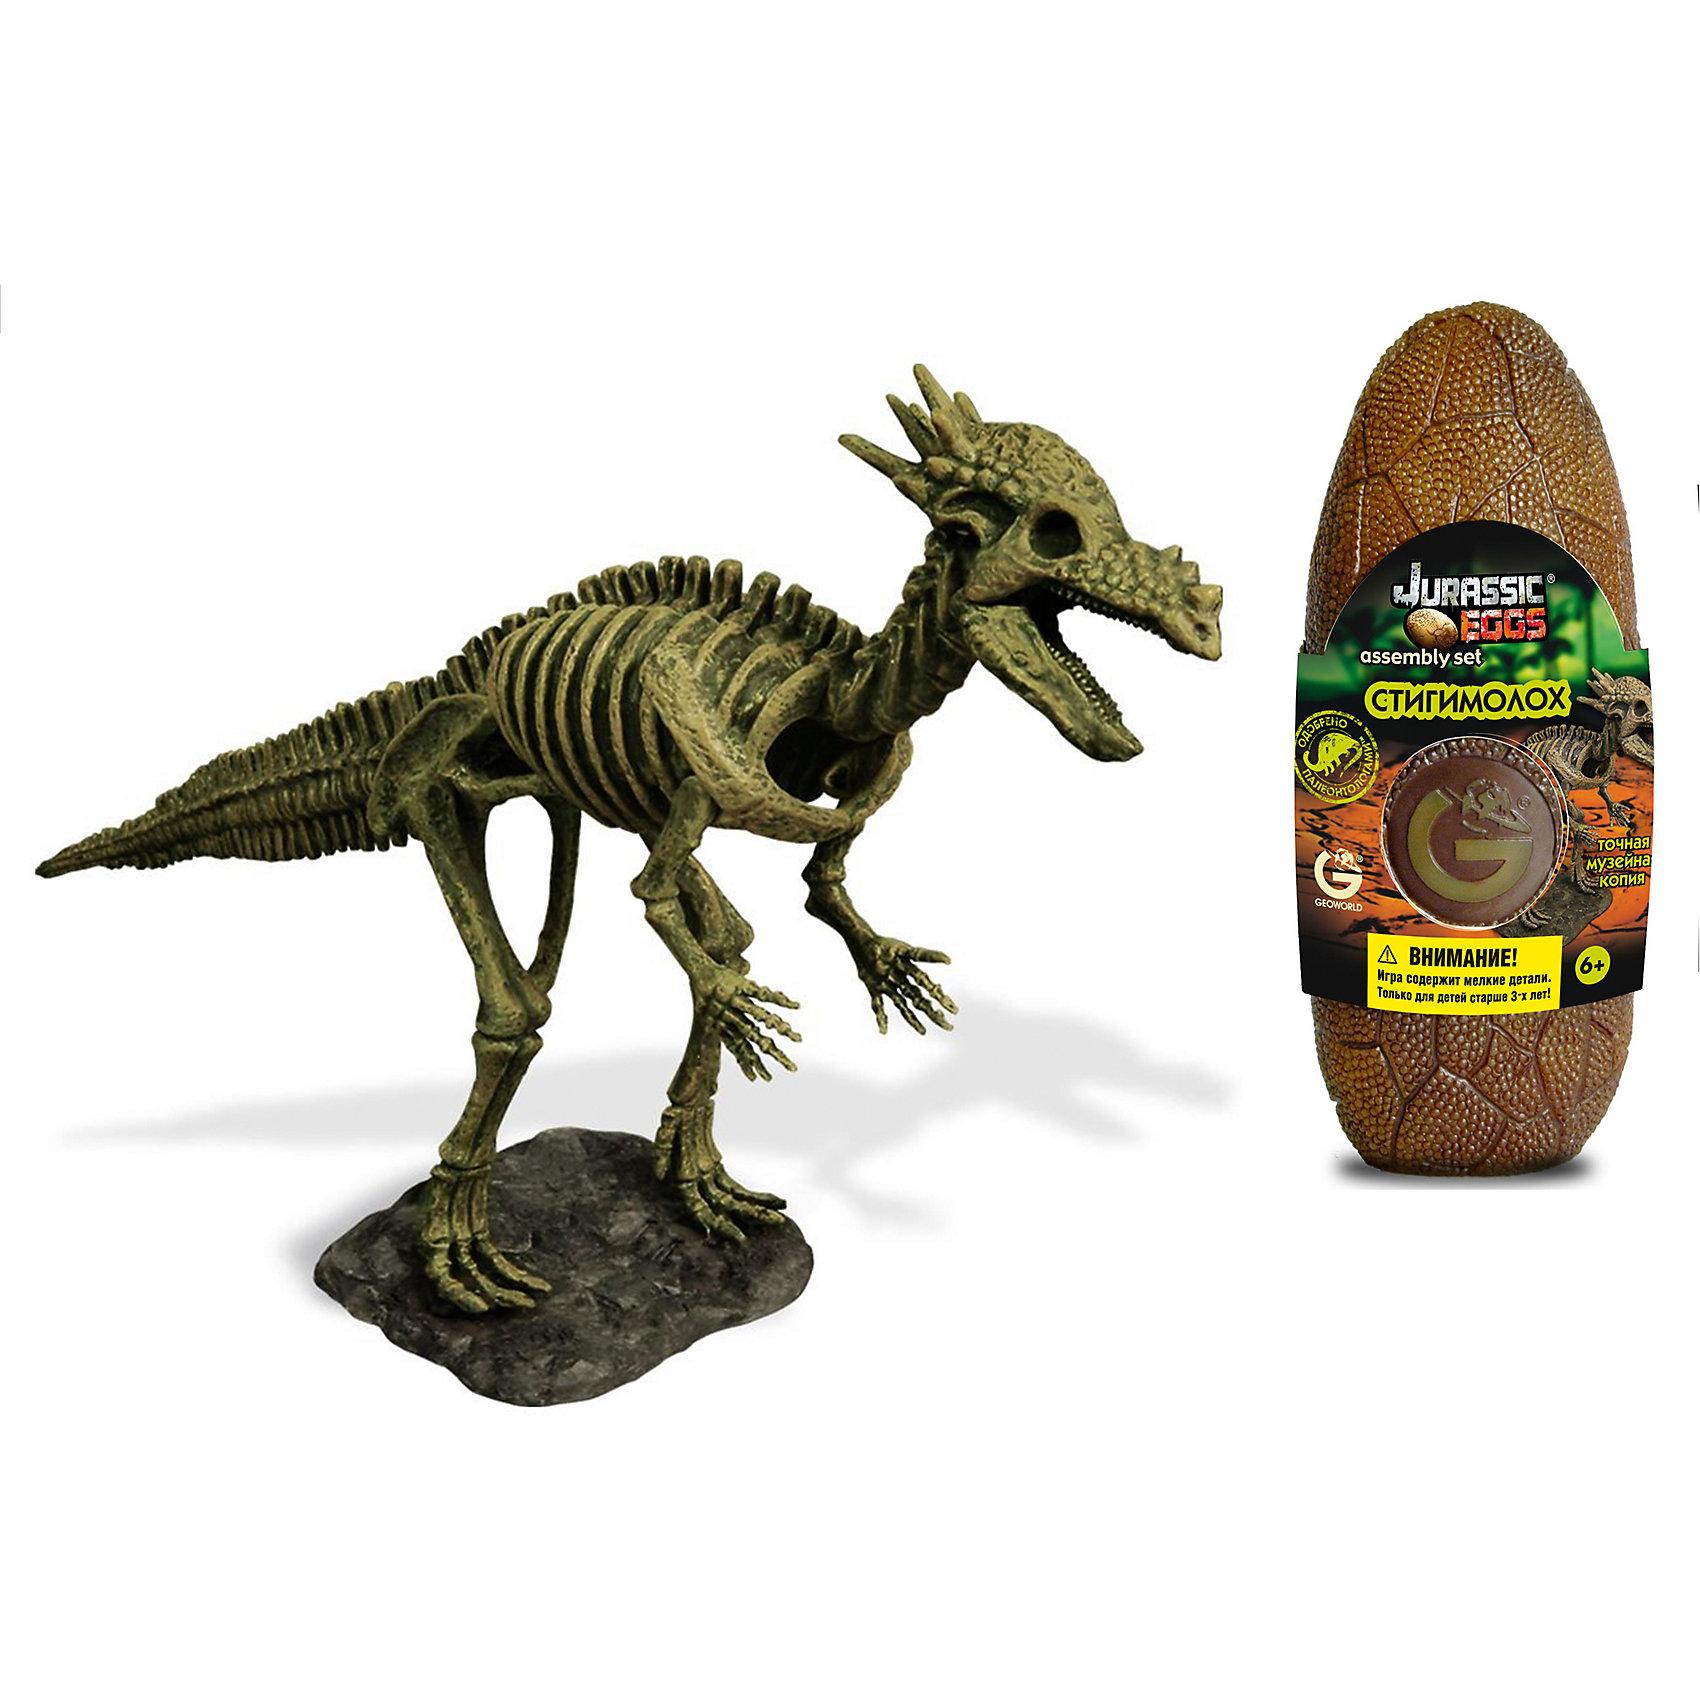 Яйцо динозавра - сборная модель Стигимолоха, GeoworldДеревянные конструкторы<br>Травоядный динозавр стигимолох обладает интересной внешностью. Этот травоядный ящер защищался от хищников большой рогатой головой, при этом рога находились в задней части черепа. Высочайшее качество сборной модели стигомолоха из набора Jurassic Eggs подтверждена репутацией бреда Geoworld. Этой компанией управляет доктор палеонтологии, который лично участвует в разработке каждой модели. Детали для сборки скелета стигомолоха находятся в стилизованой упаковке — яйце. Сборка палеонтологической модели подогреет интересы юного ученого, позволит тренировать моторику, пространственное мышление и внимательность. Длина собранной модели: 28 см.  детали, яйцо, брошюра.<br><br>Ширина мм: 80<br>Глубина мм: 70<br>Высота мм: 200<br>Вес г: 190<br>Возраст от месяцев: 36<br>Возраст до месяцев: 96<br>Пол: Унисекс<br>Возраст: Детский<br>SKU: 5418981